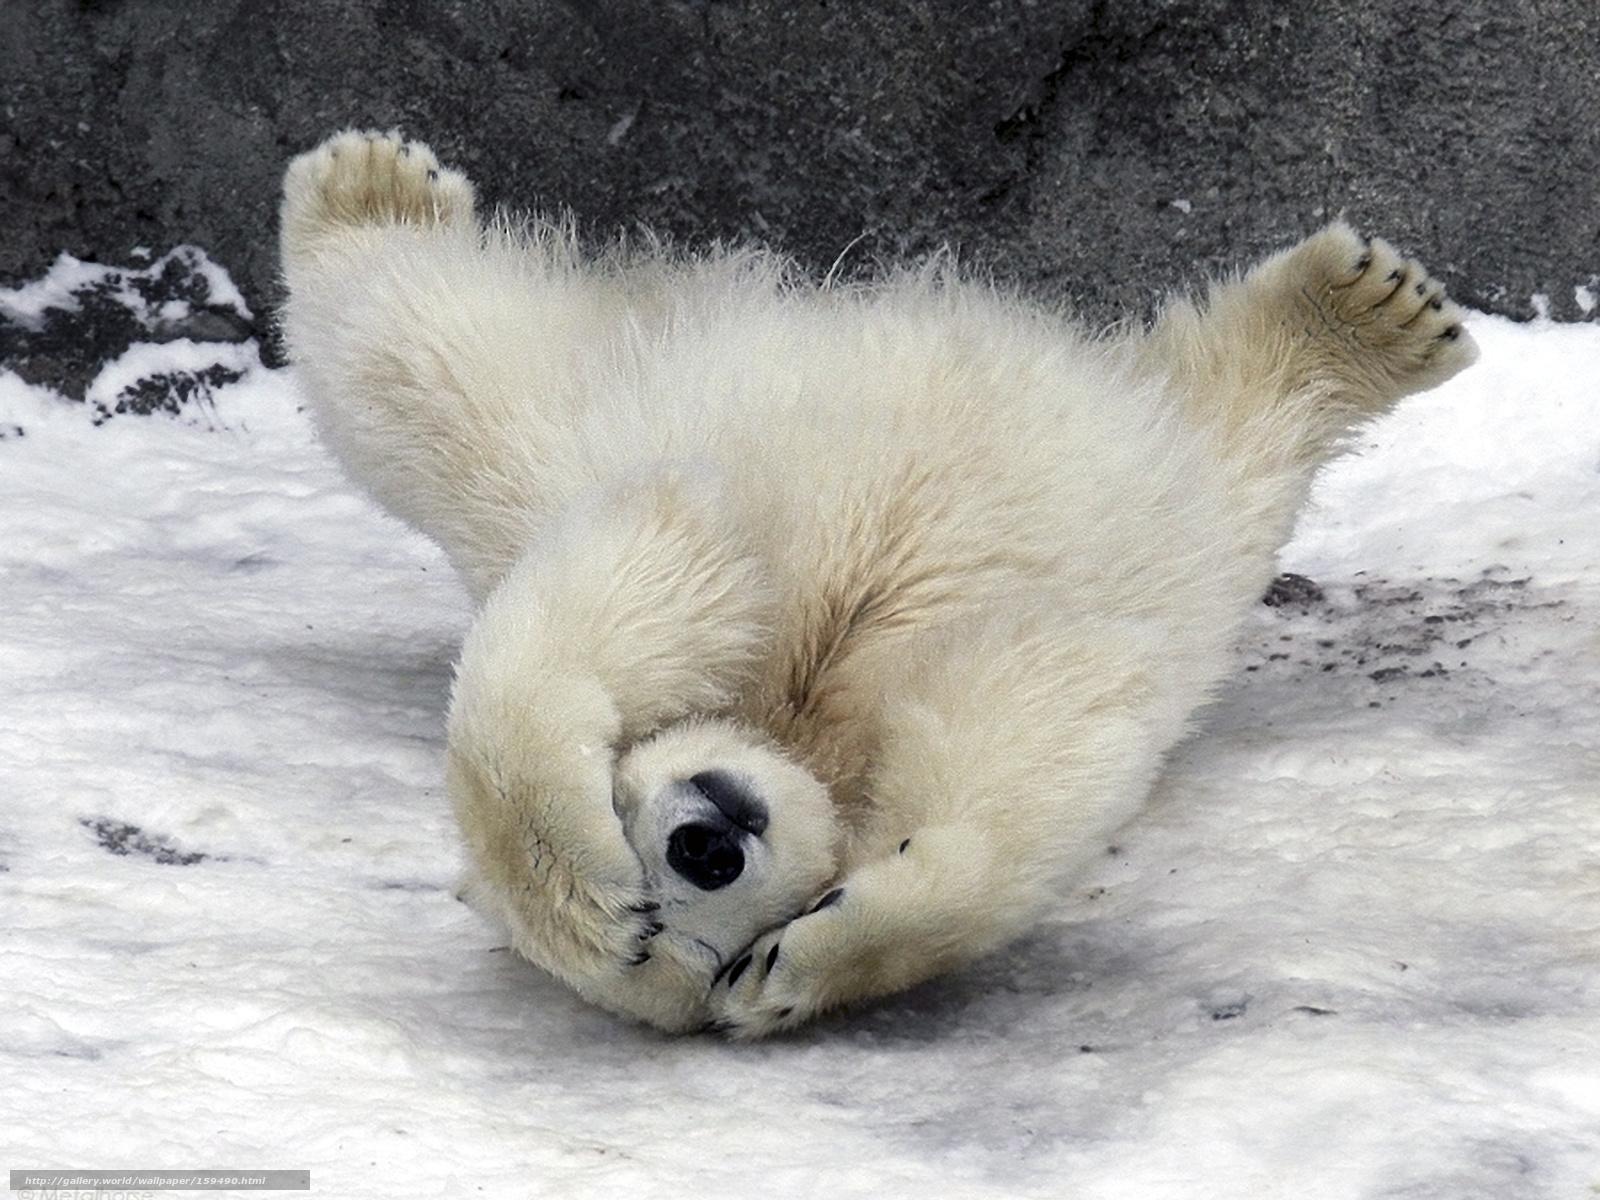 Scaricare gli sfondi animali sopportare sfondi gratis per for Foto desktop animali